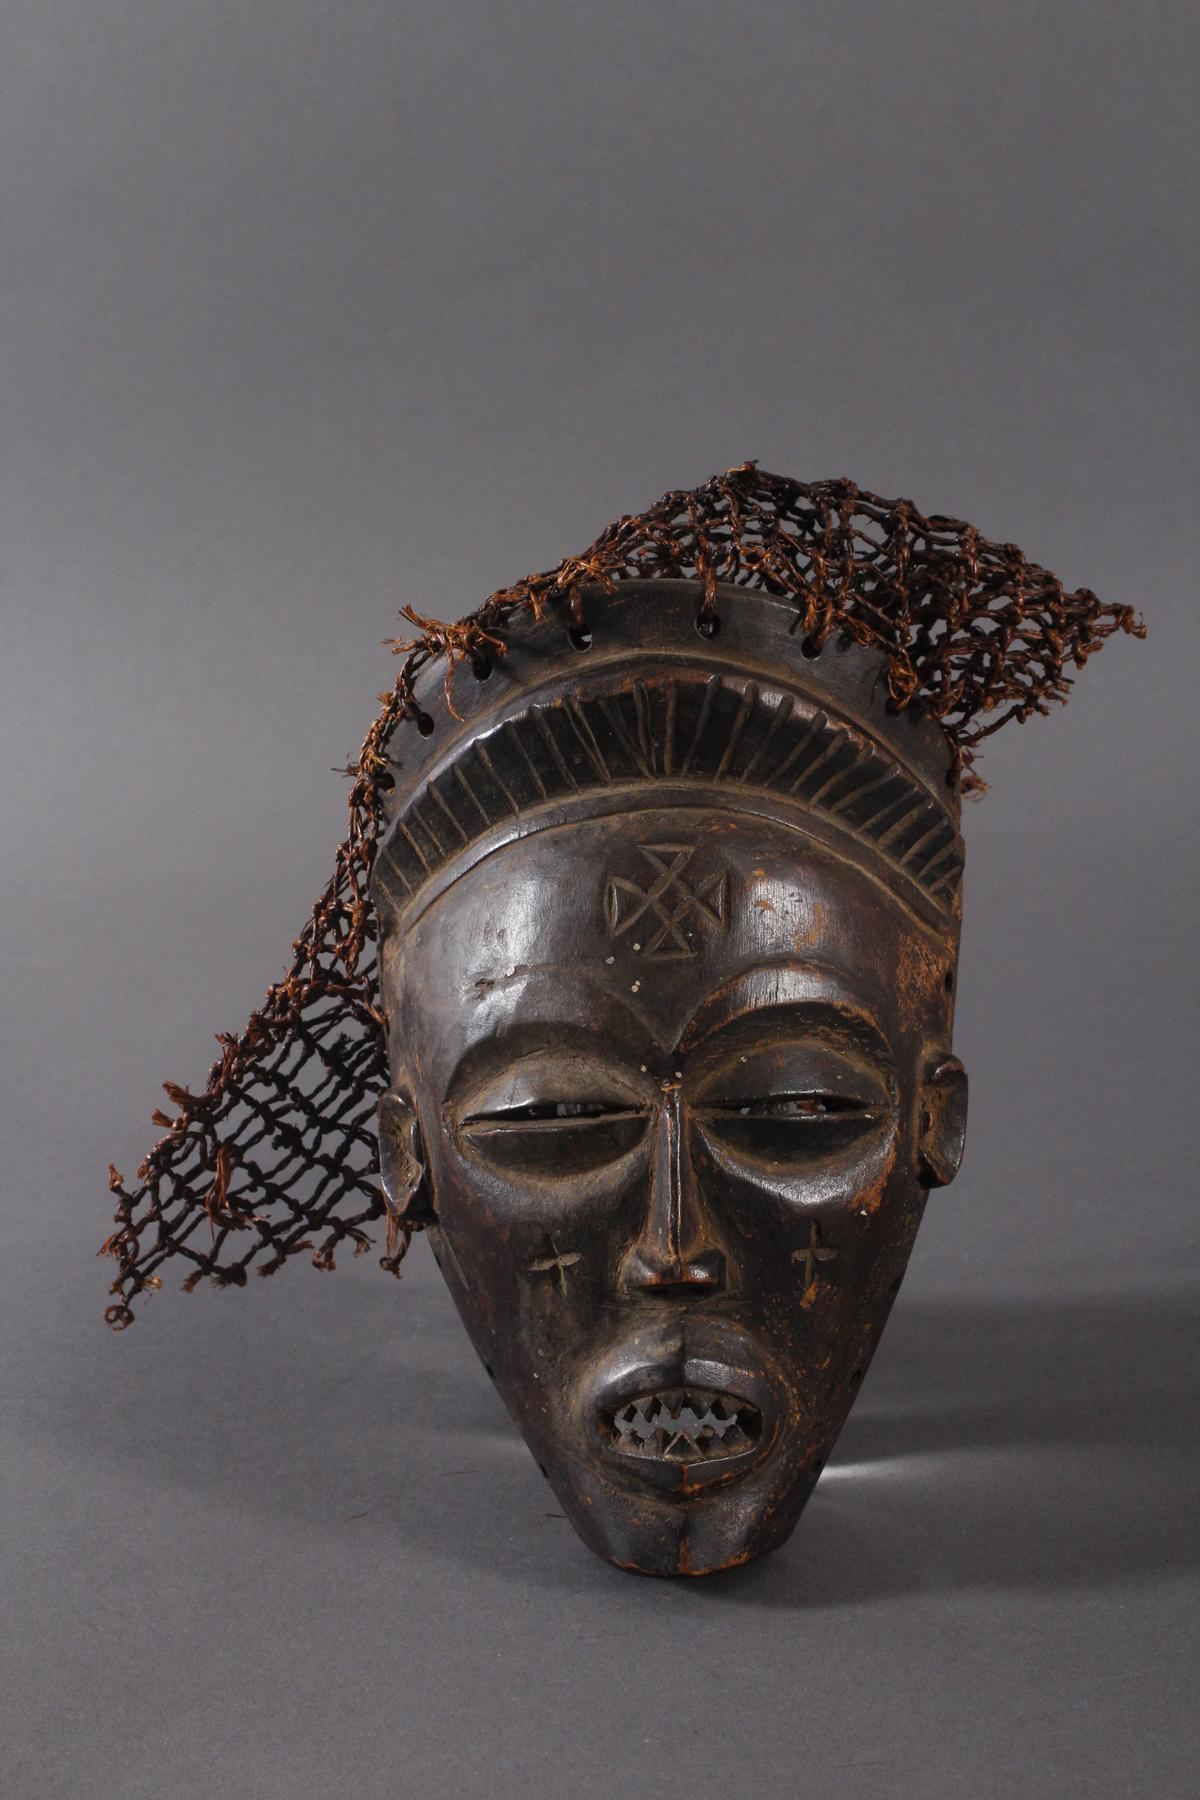 Antike Maske, Chokwe, Kongo 1.Hälfte 20. Jh.Holz geschnitzt, dunkle Patina, Narbenschmuck,